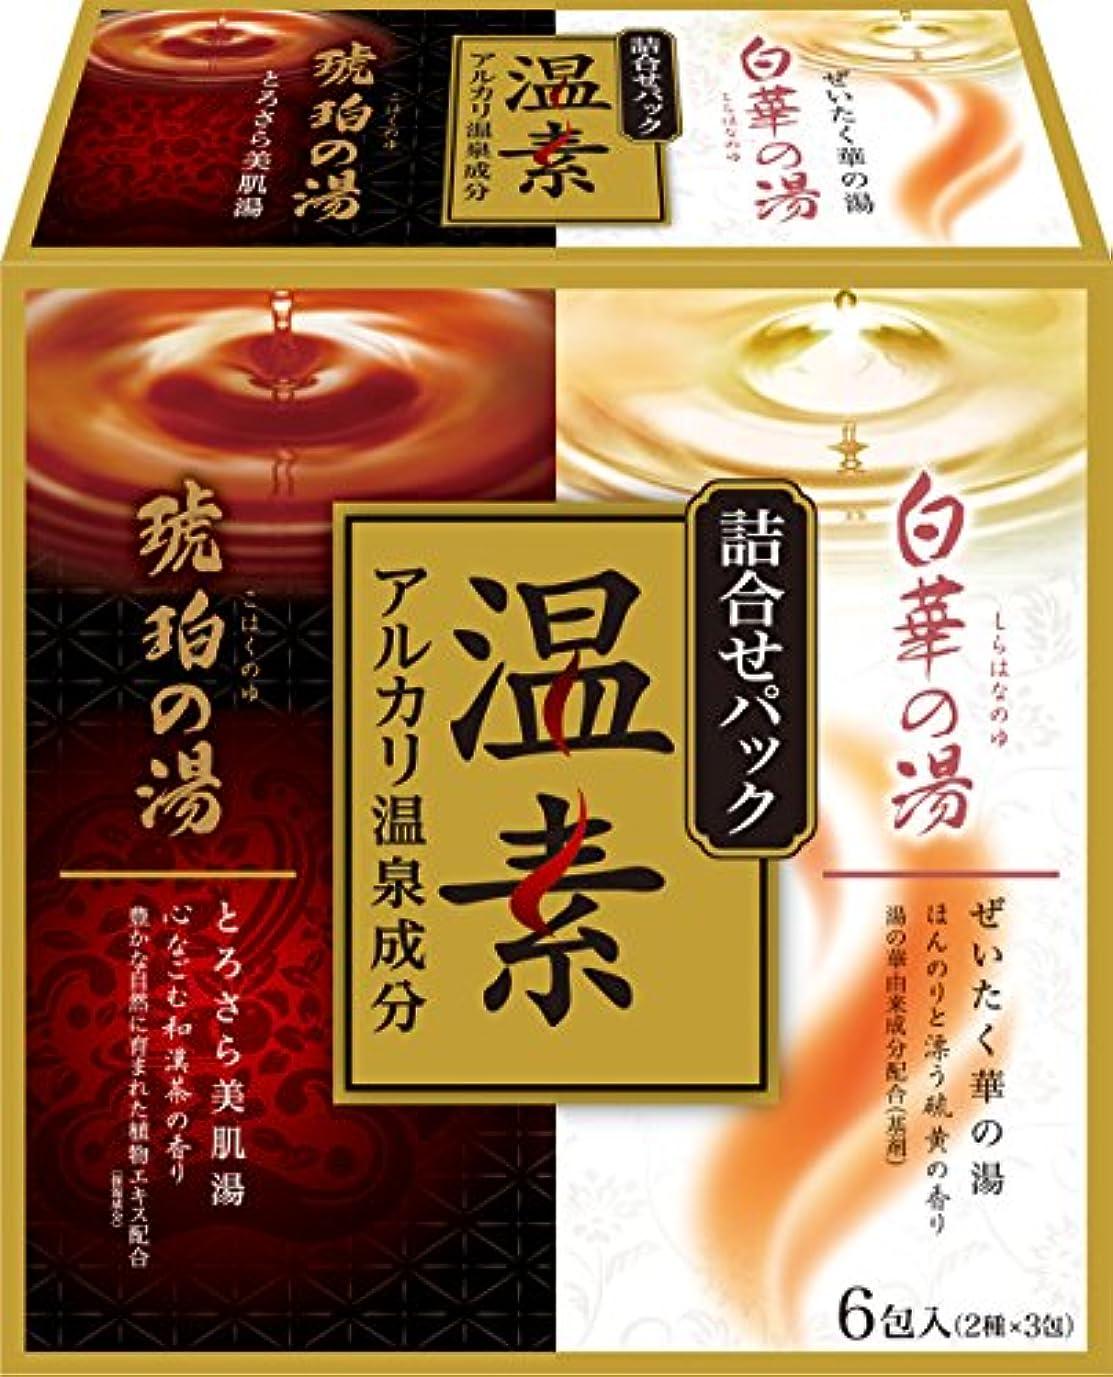 カナダ丘悪いアース製薬 温素 琥珀の湯&白華の湯 詰合せパック 6包(各3包)